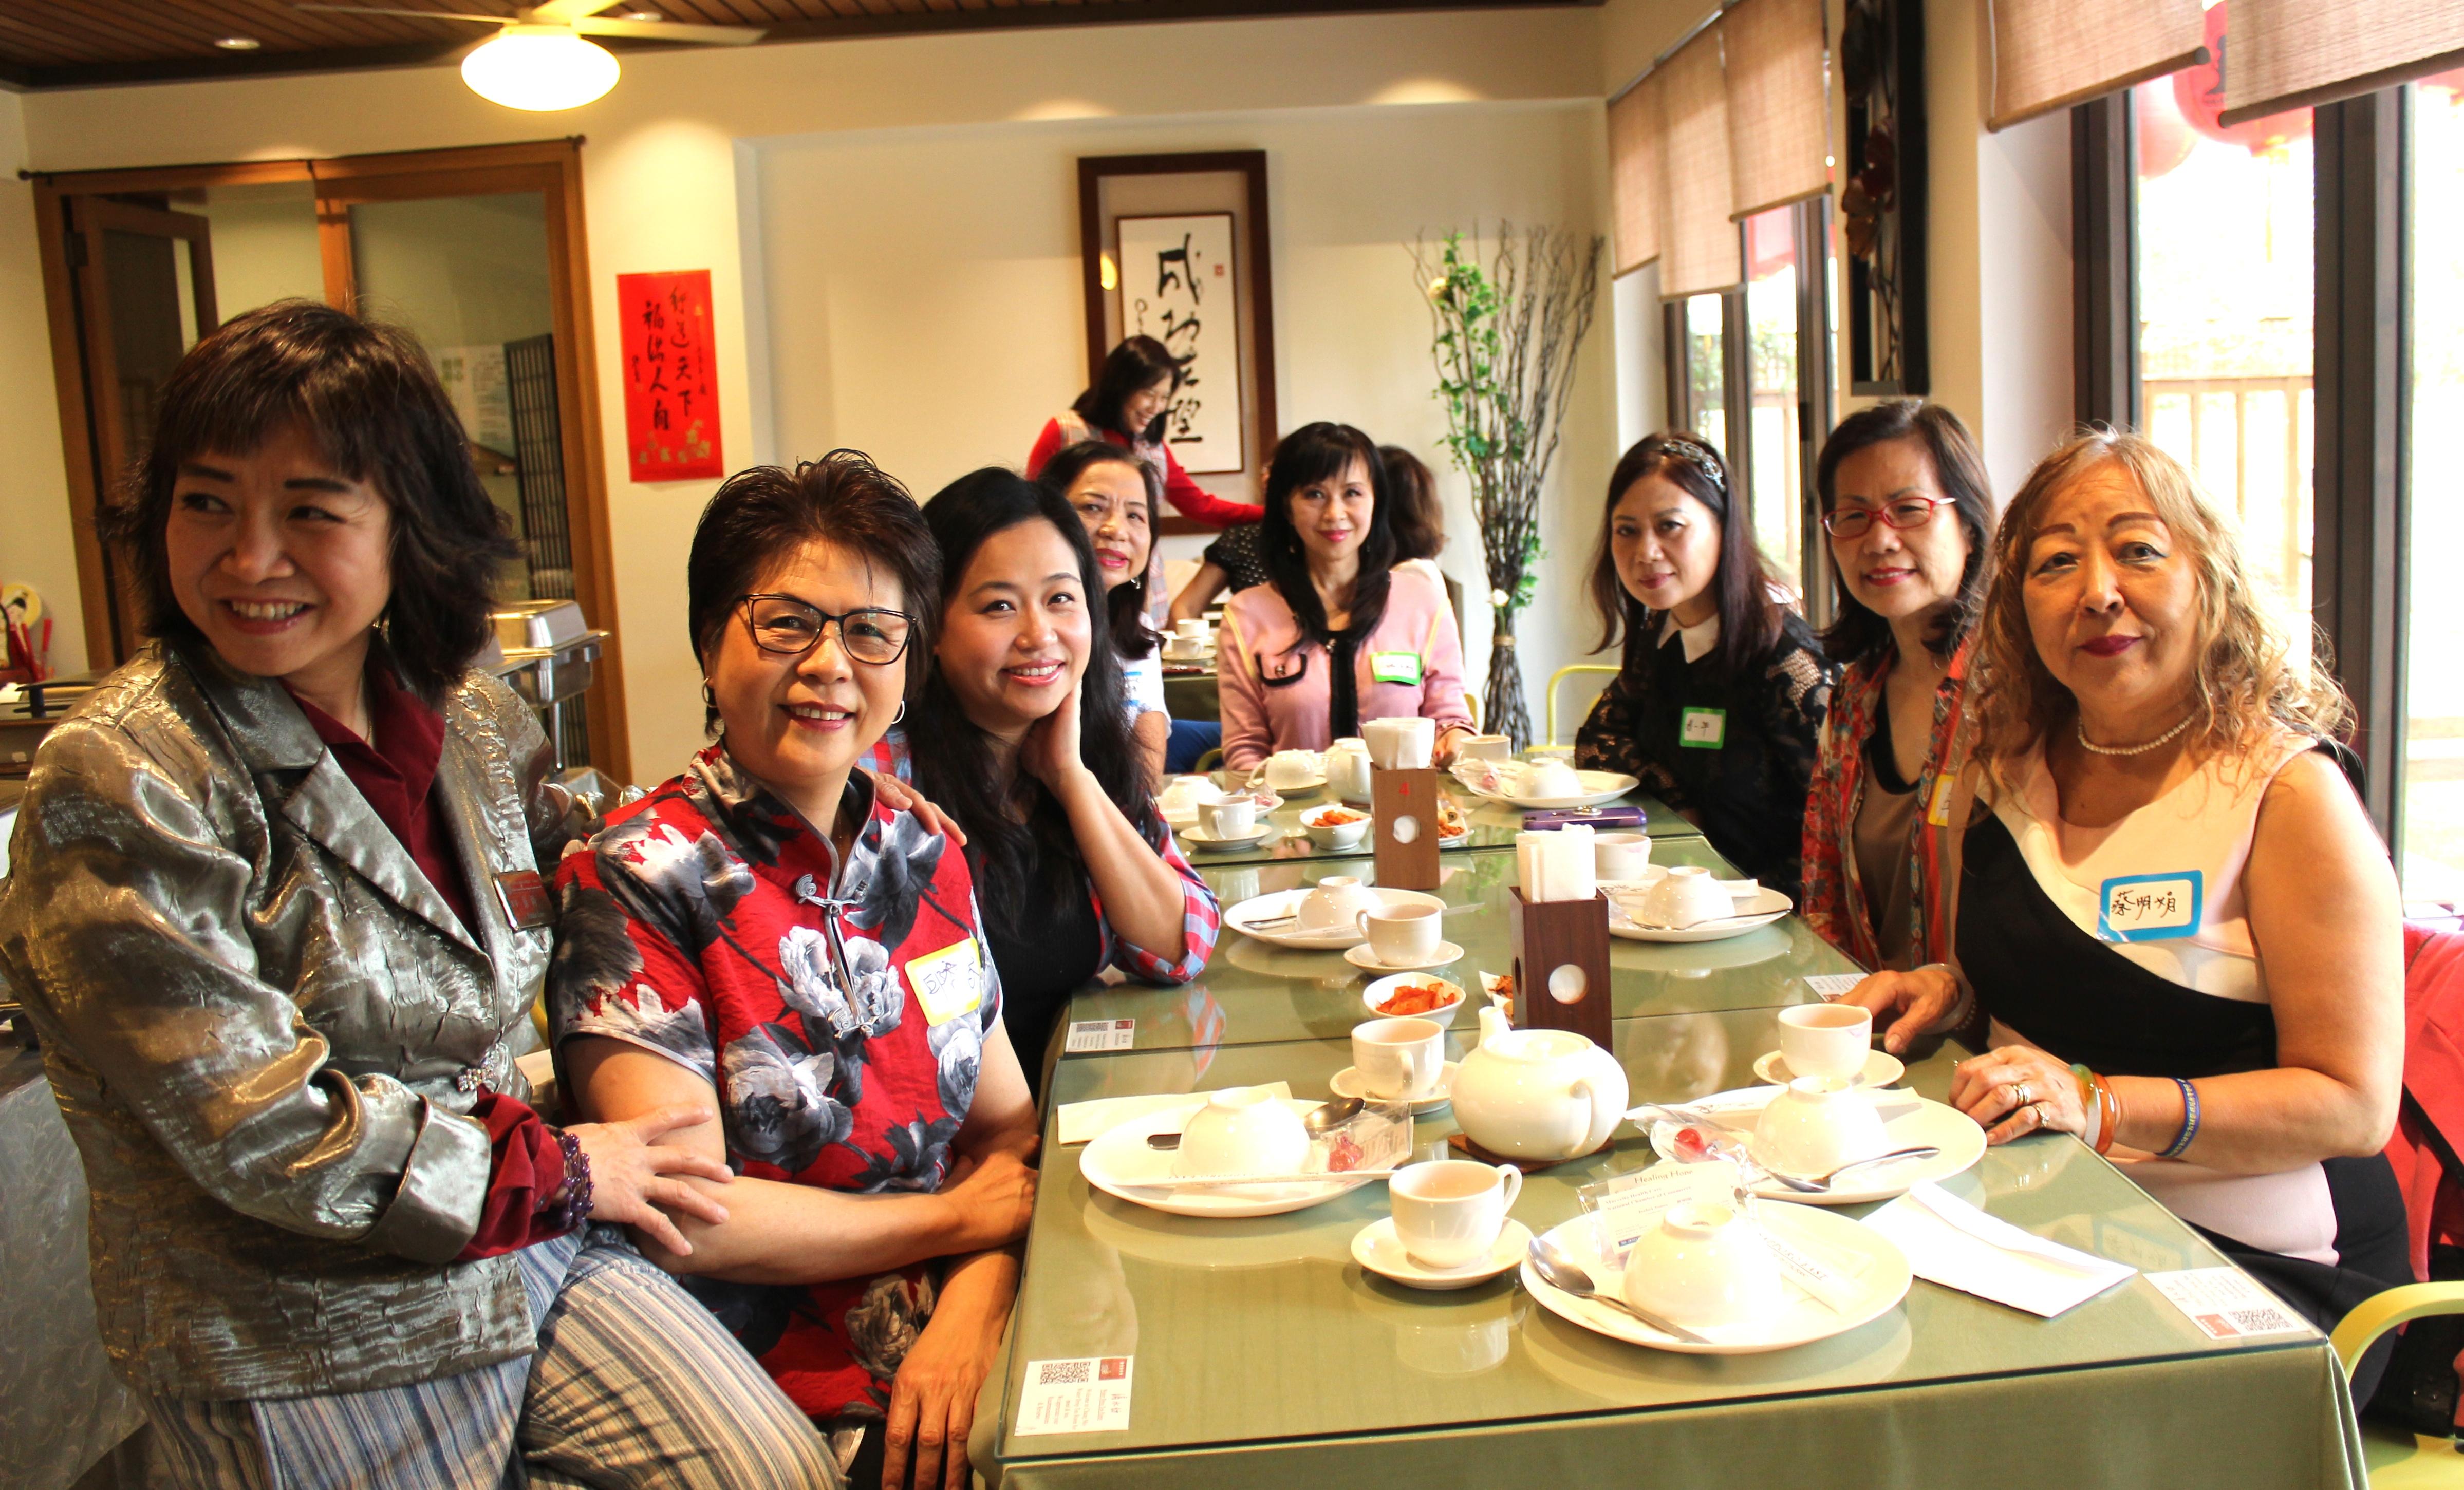 世華美南分會資深理事和會員們,餐會中合影。(記者盧淑君/攝影)